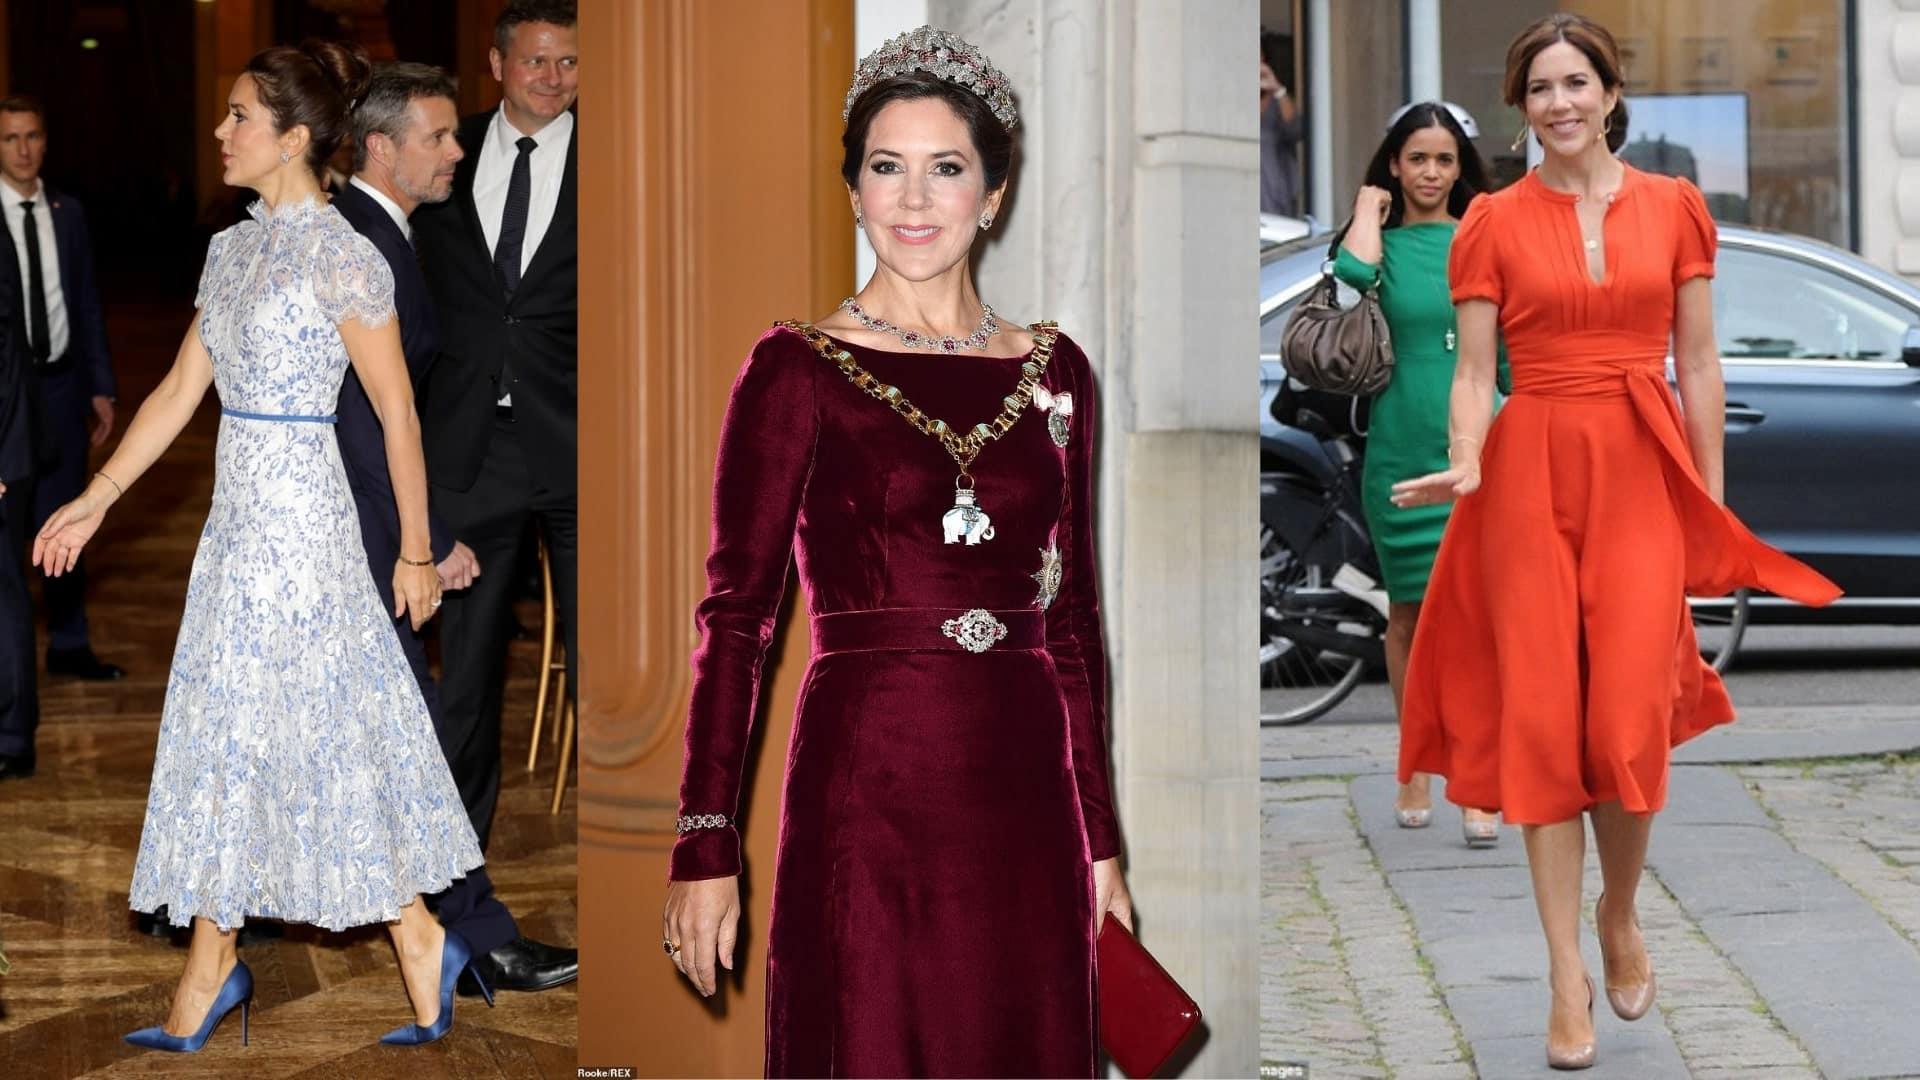 Gọi tên những biểu tượng thời trang Hoàng gia thế giới, có người mặc đẹp lấn át Công nương Kate - 4